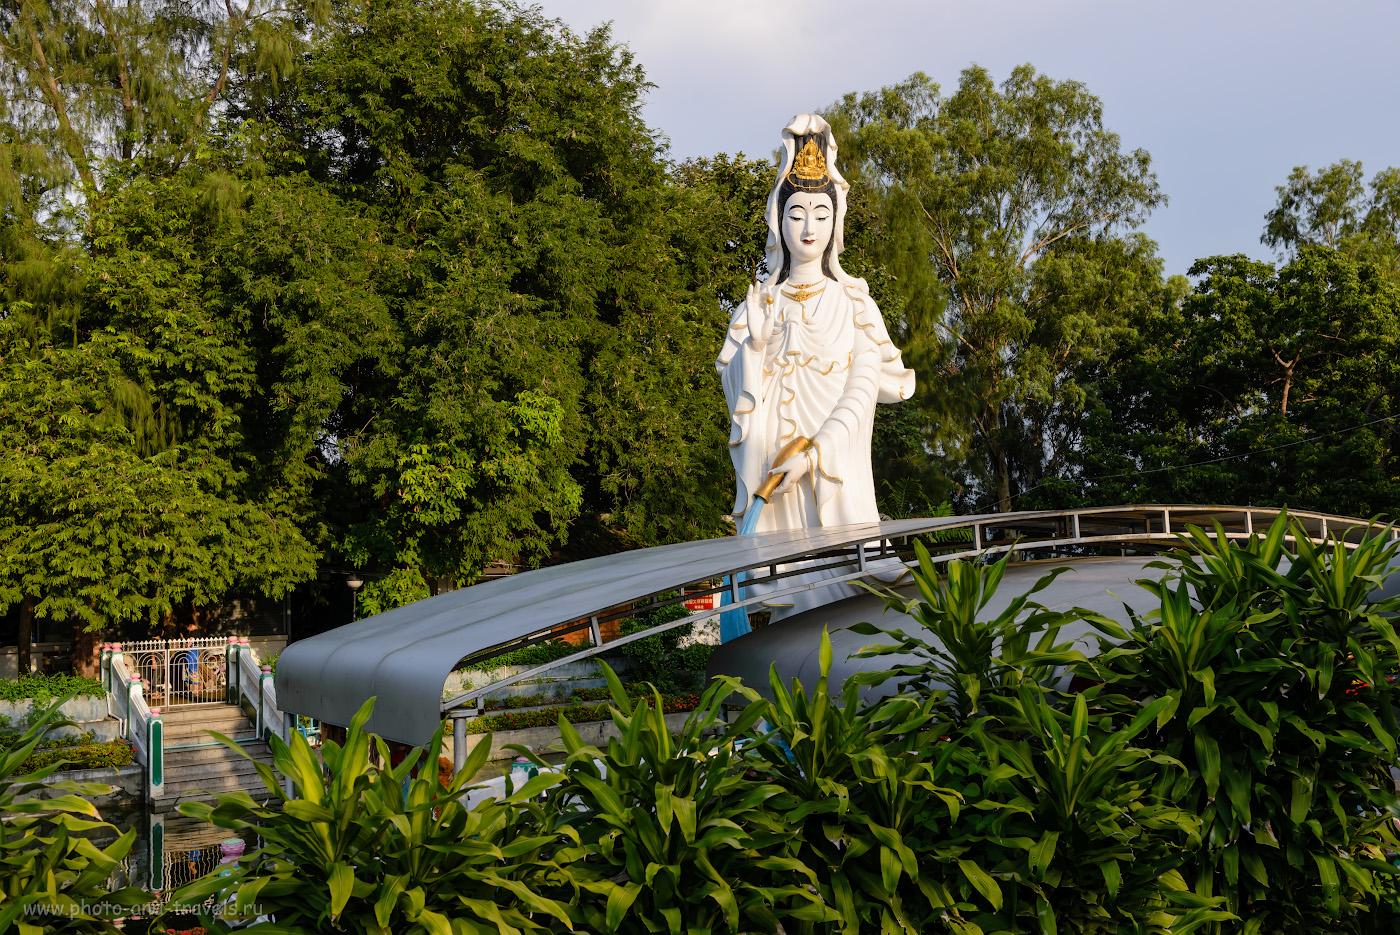 Фотография 2. Скульптура богини Гуаньинь у входа в парк Wang Sam Sien на холме Большого Будды в Паттайе. Отзывы туристов о недорогих экскурсиях во время отдыха в Таиланде. Снято на камеру Nikon D610 с объективом Nikon 24-70mm f/2.8. Настройки: выдержка 1/500 сек., экспокоррекция 0 EV, f/8.0, ISO 250, фокусное расстояние 35 мм.